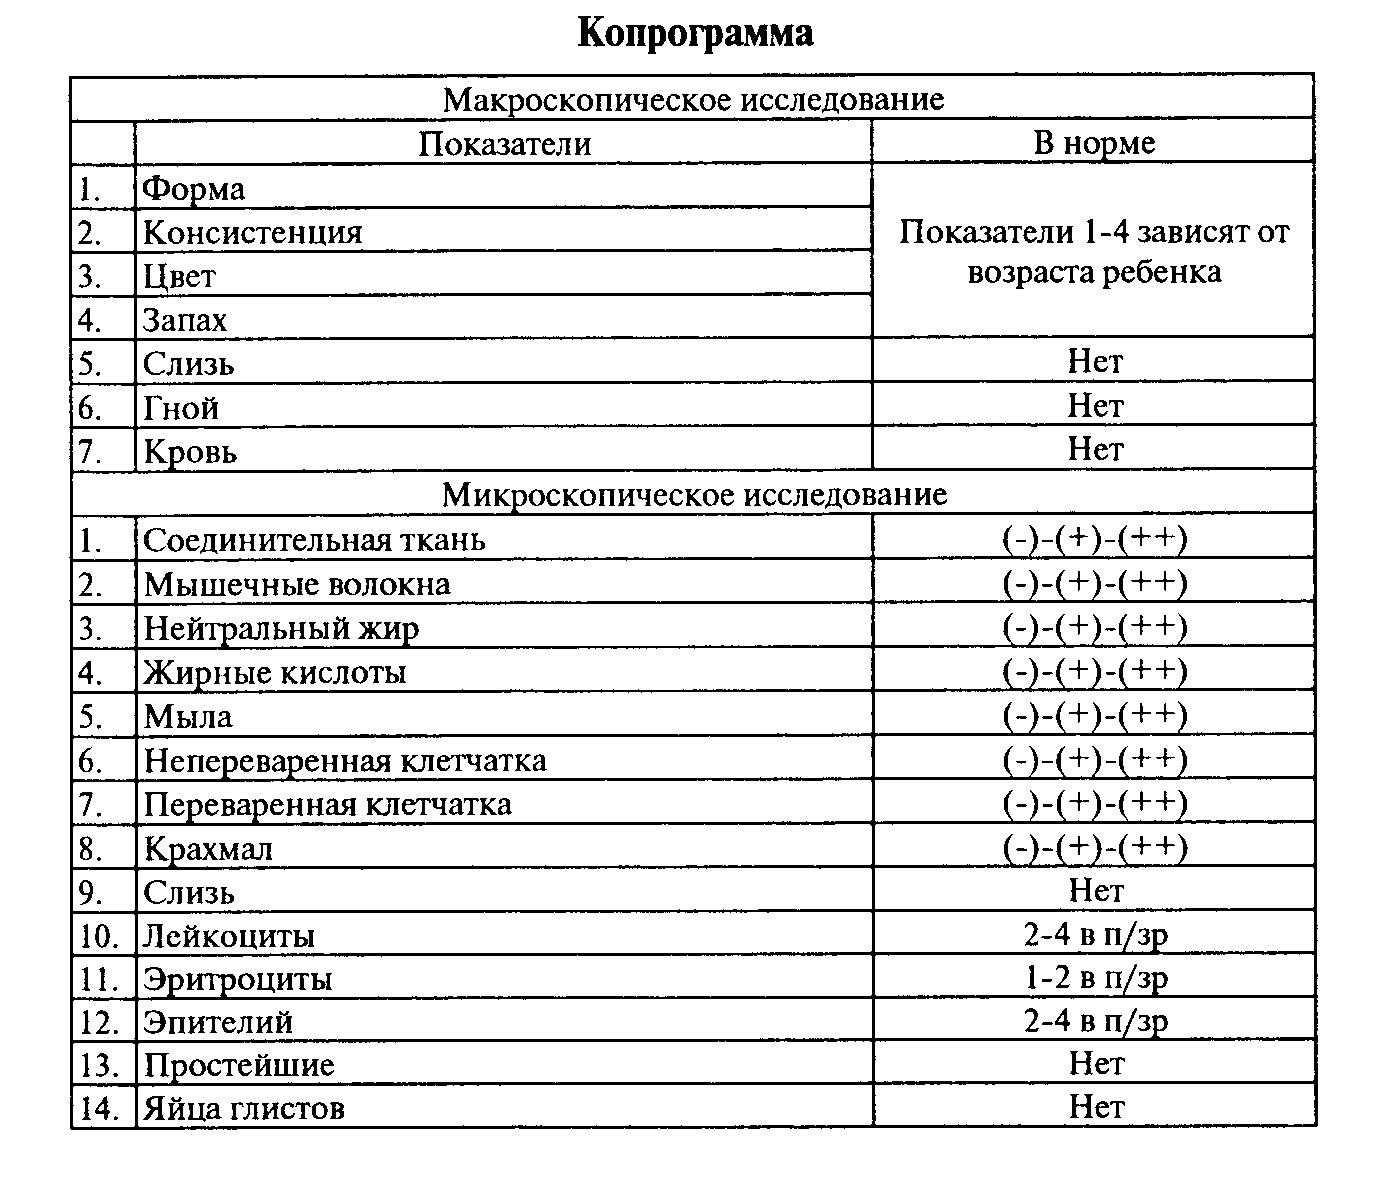 Копрограмма кала: расшифровка у взрослых и детей, таблица